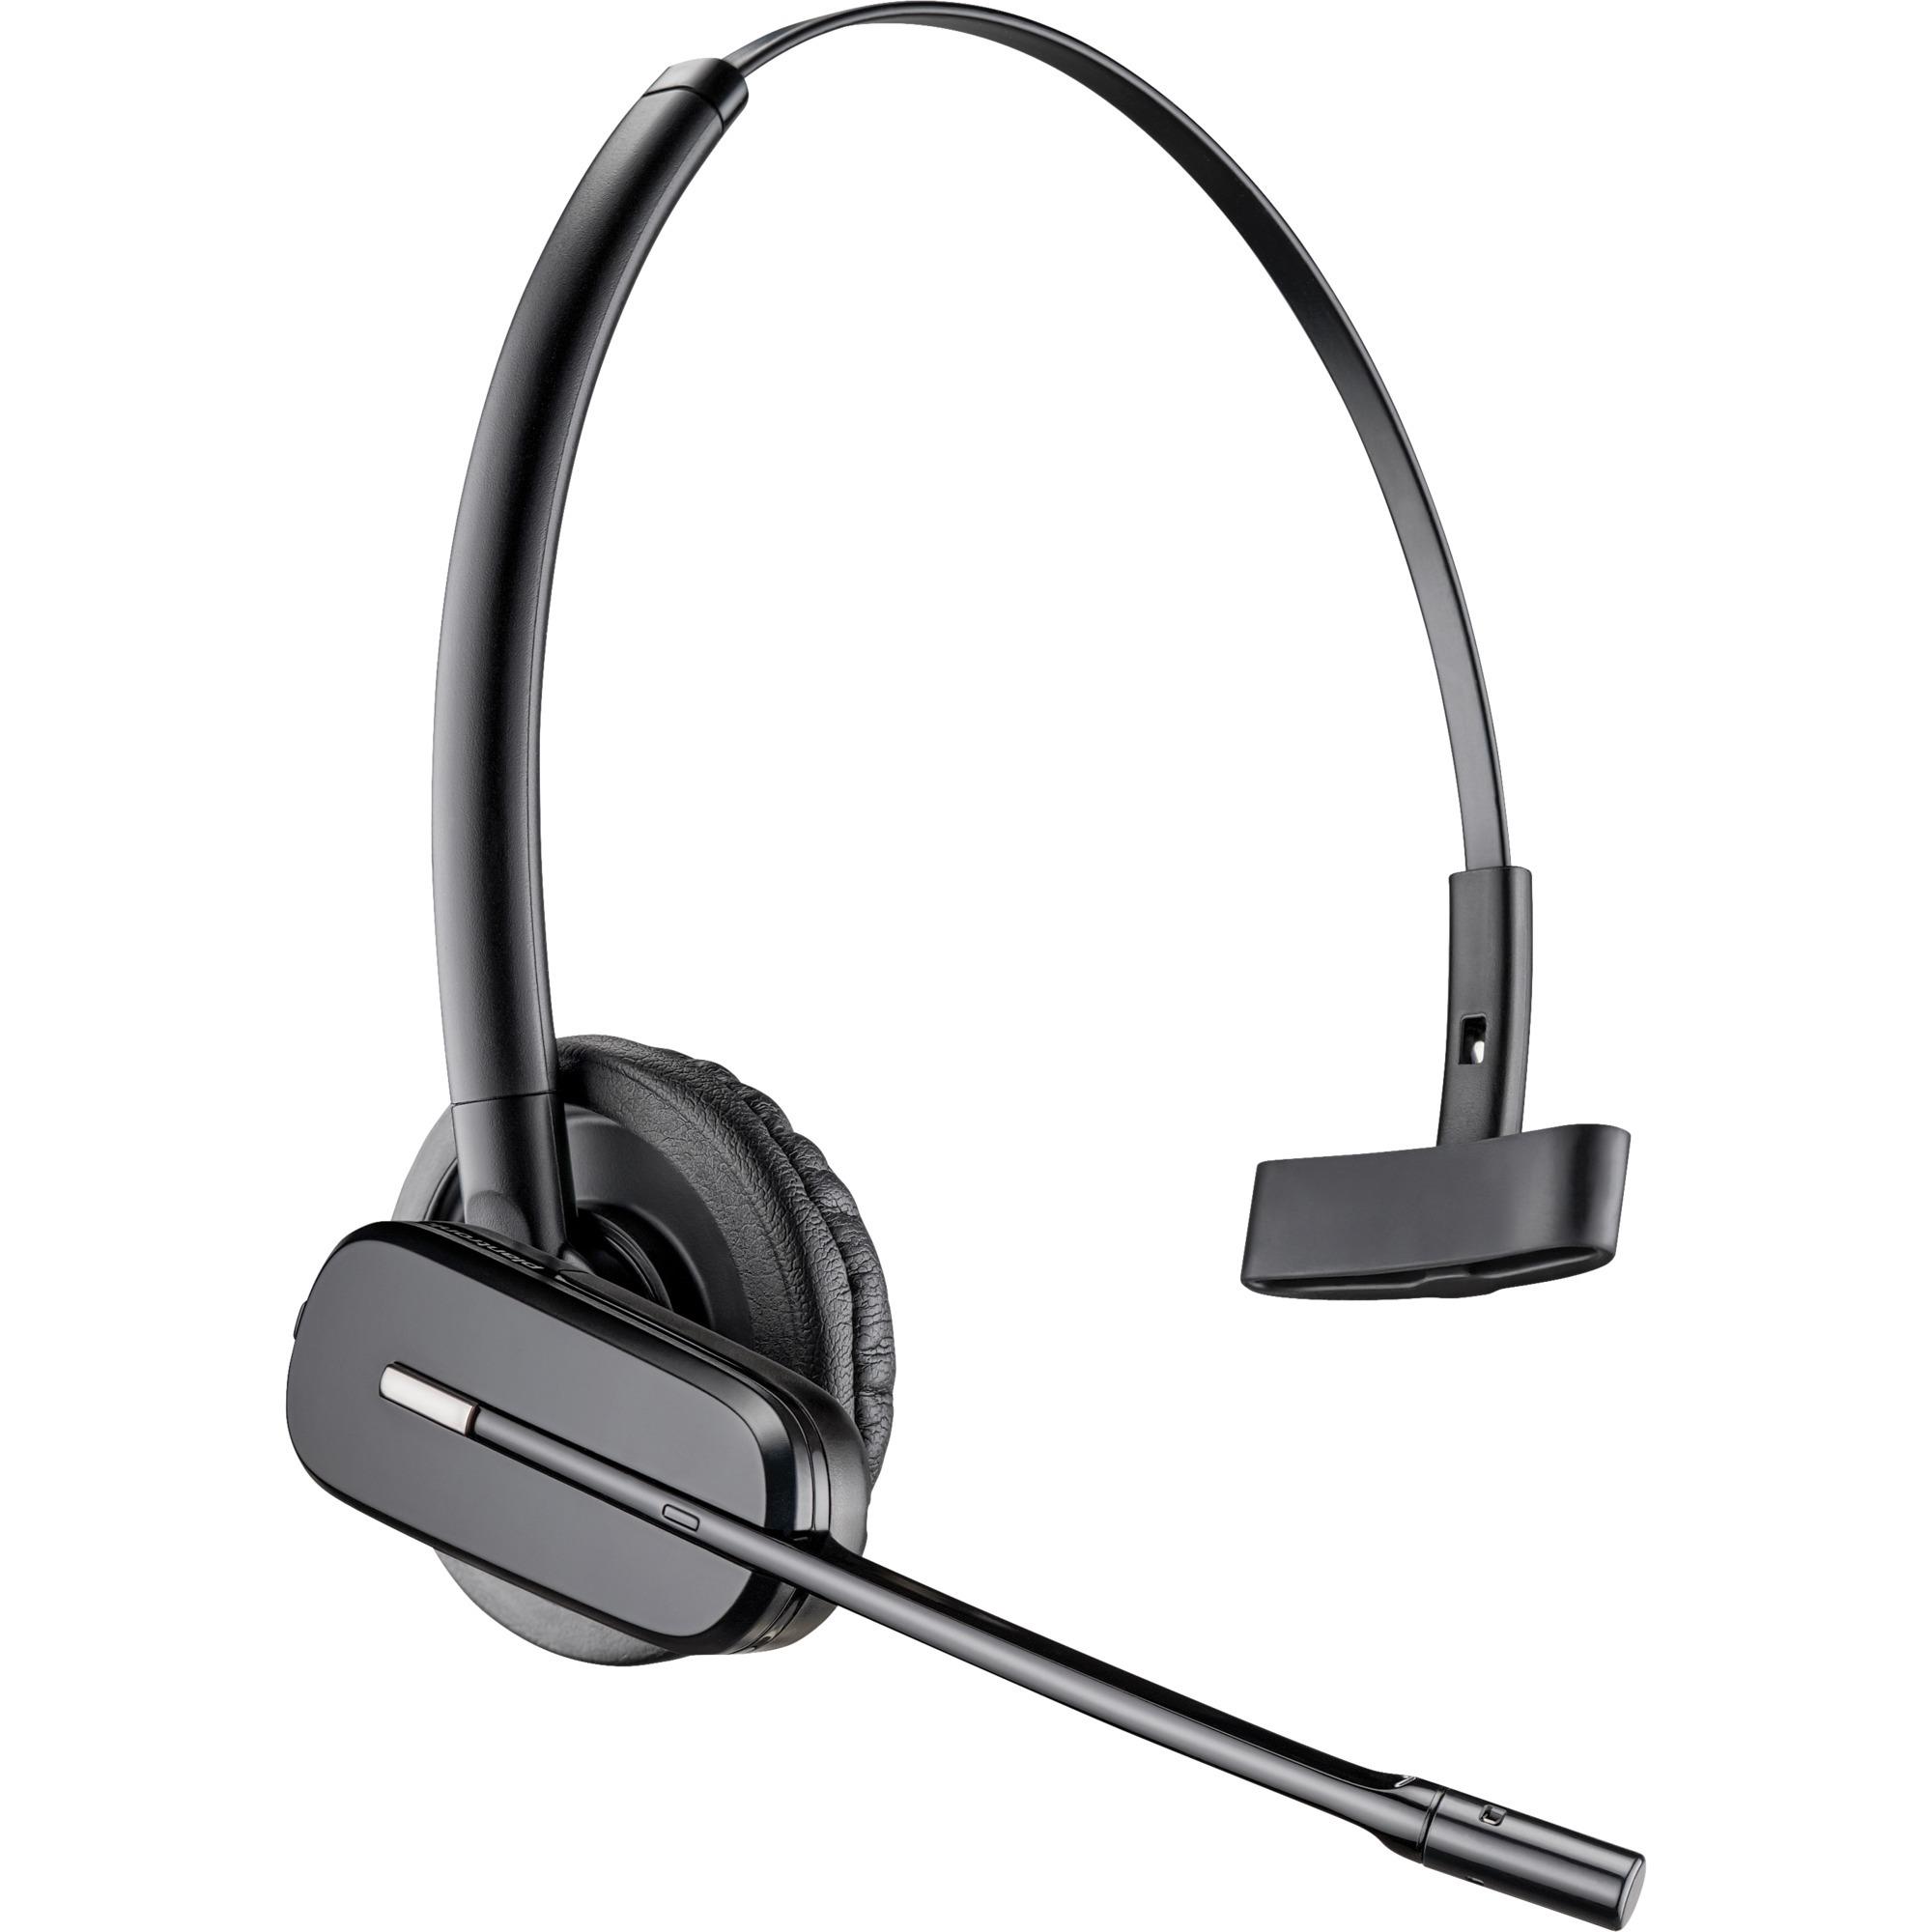 C565 auriculares para móvil Monoaural gancho de oreja, Diadema Negro Inalámbrico, Auriculares con micrófono